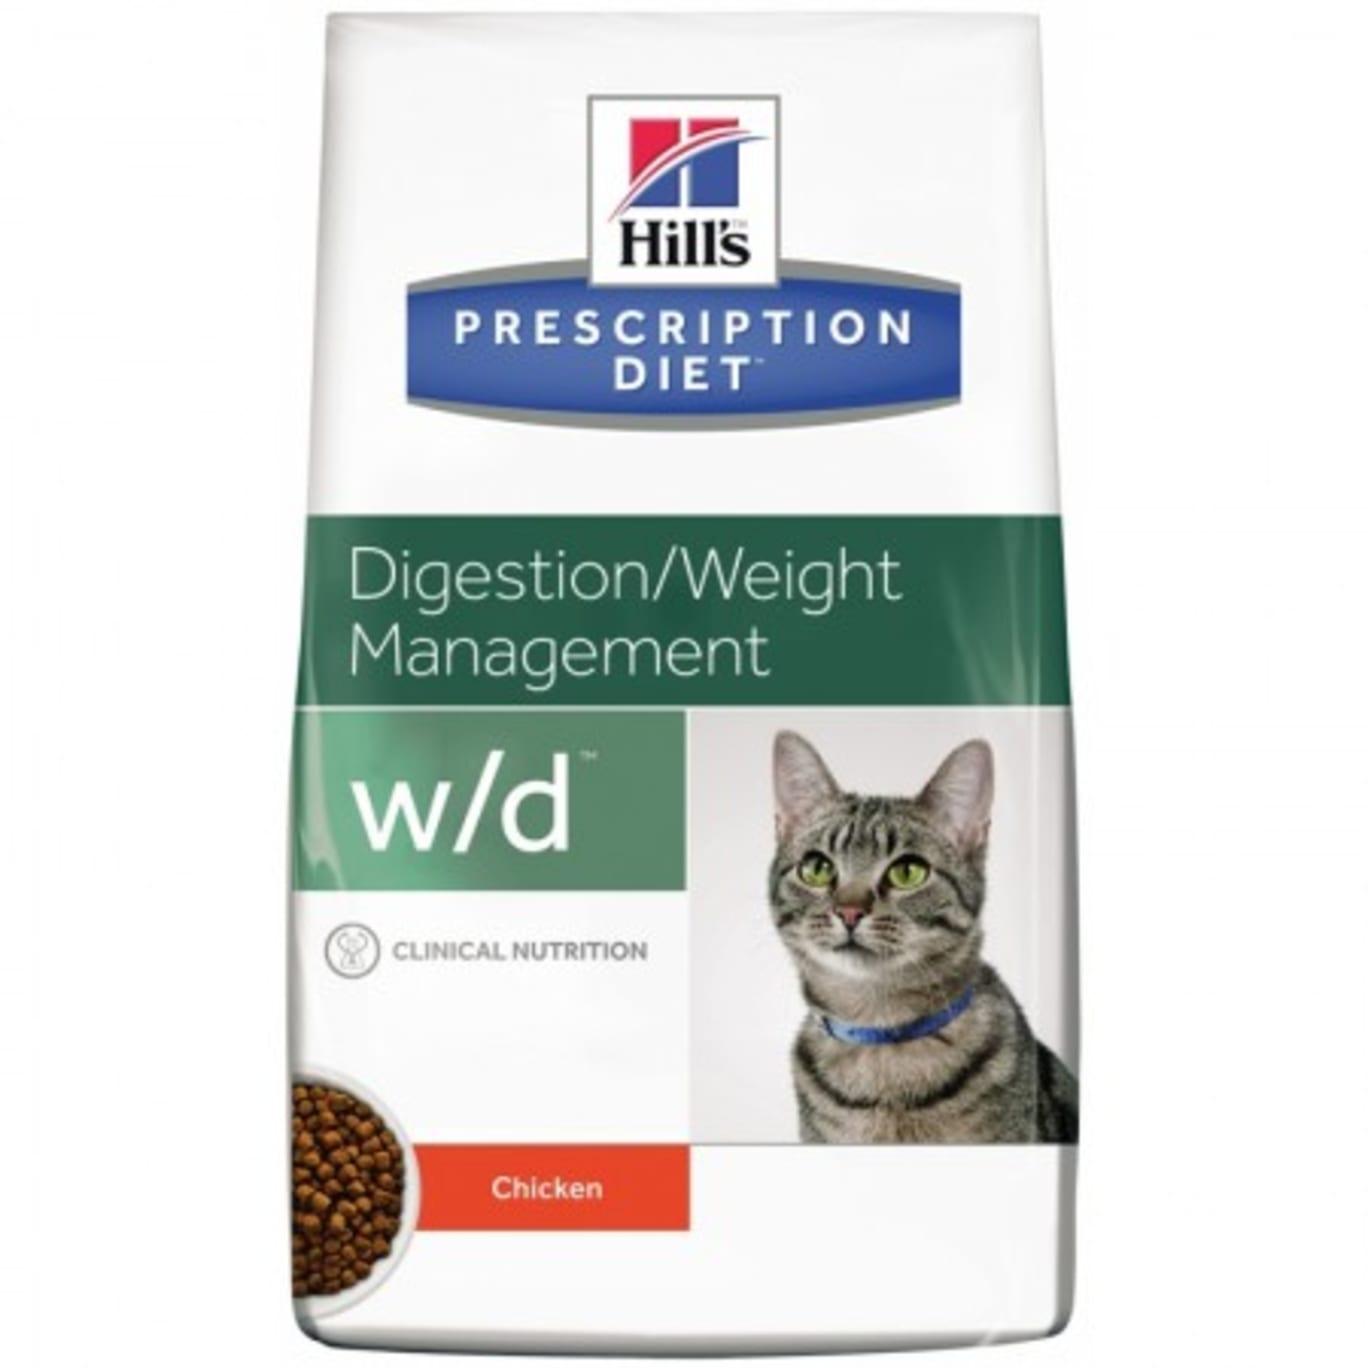 hills pierdere în greutate veterinară)